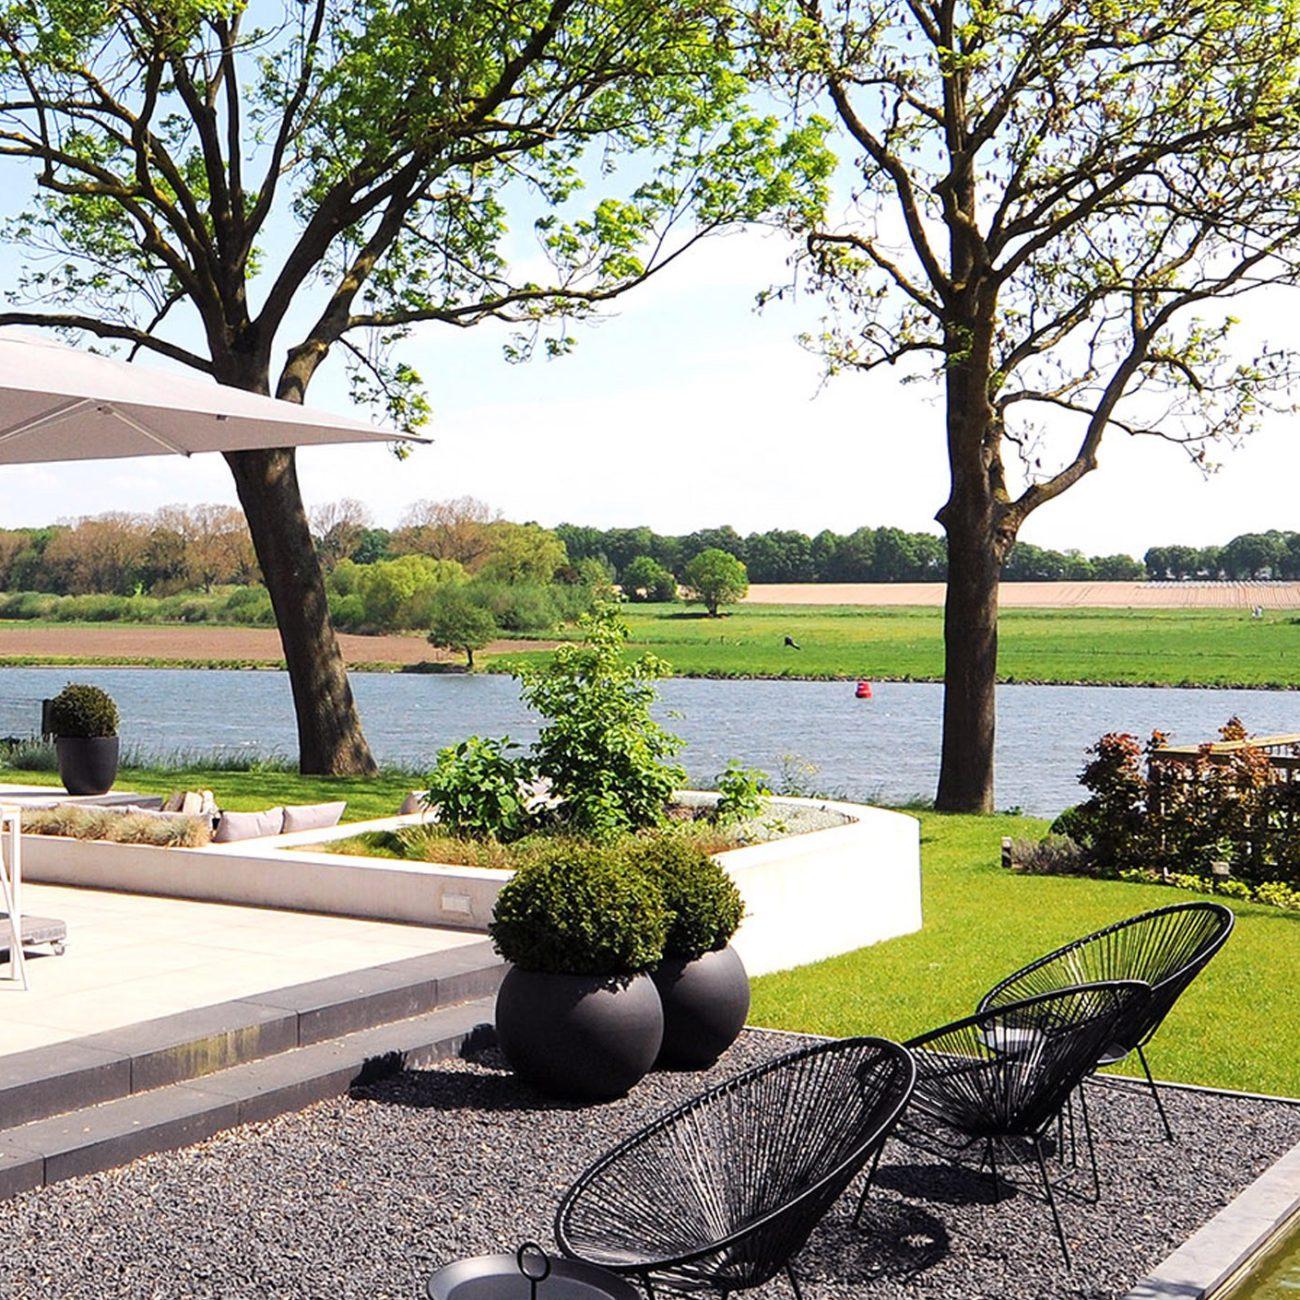 Tuin aan de Maas, met zwarte stoelen in het grind, een witte parasol en plantenbakken